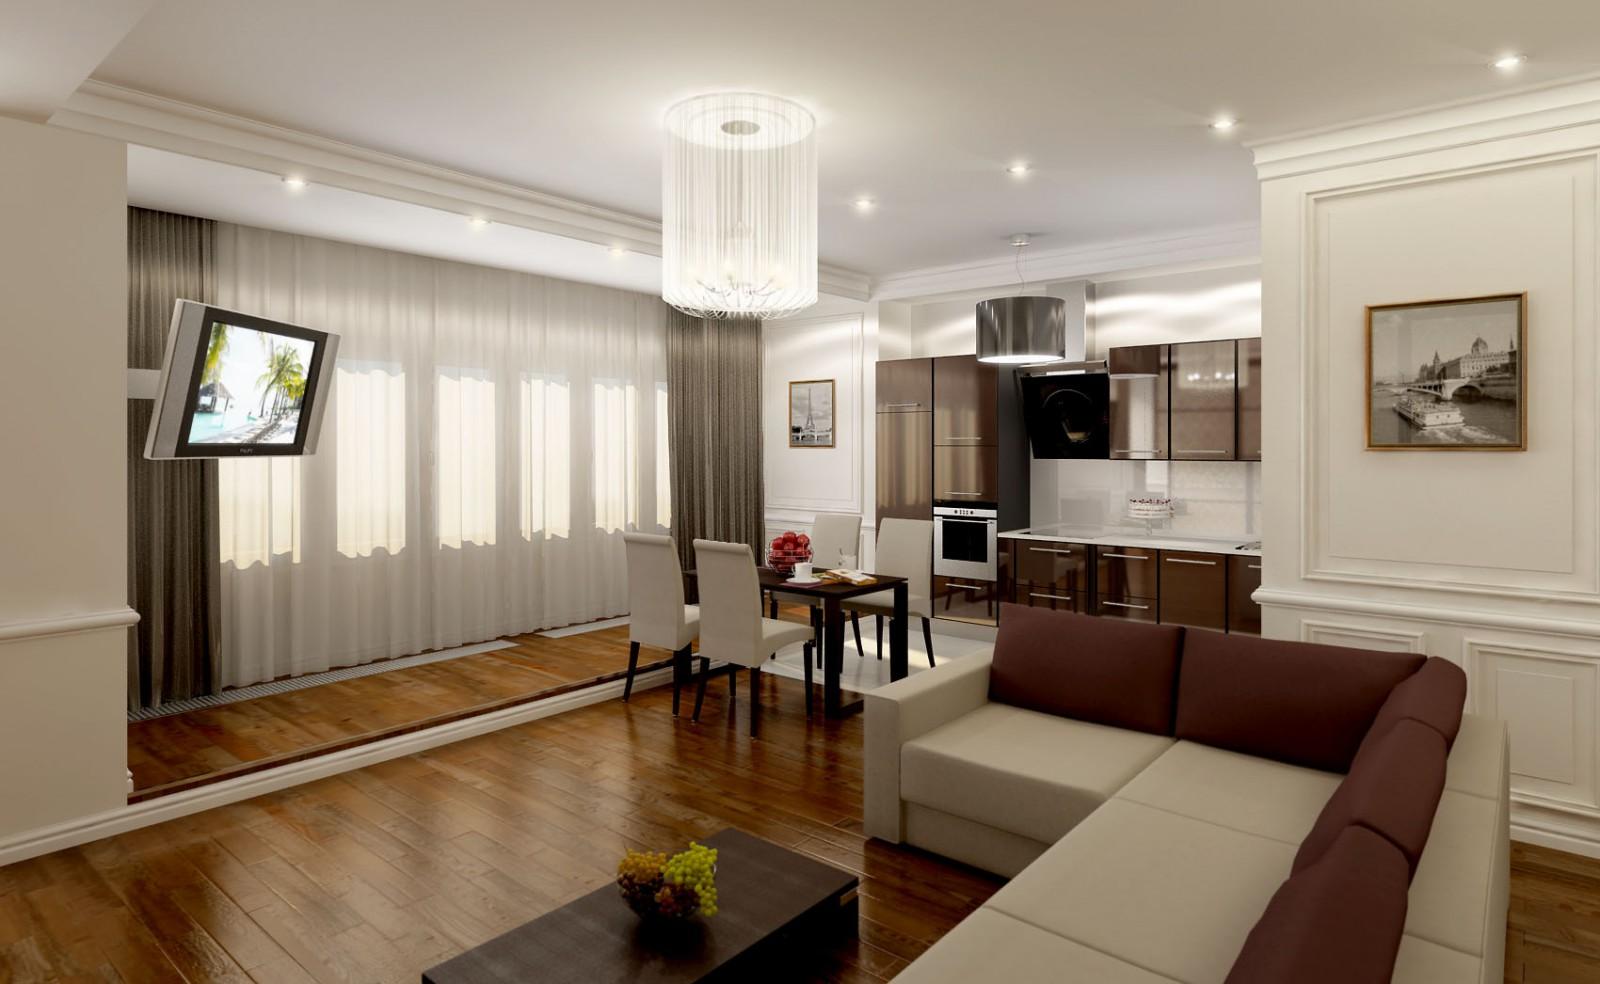 Ремонт квартир и отделочные работы в Нижнем Новгороде